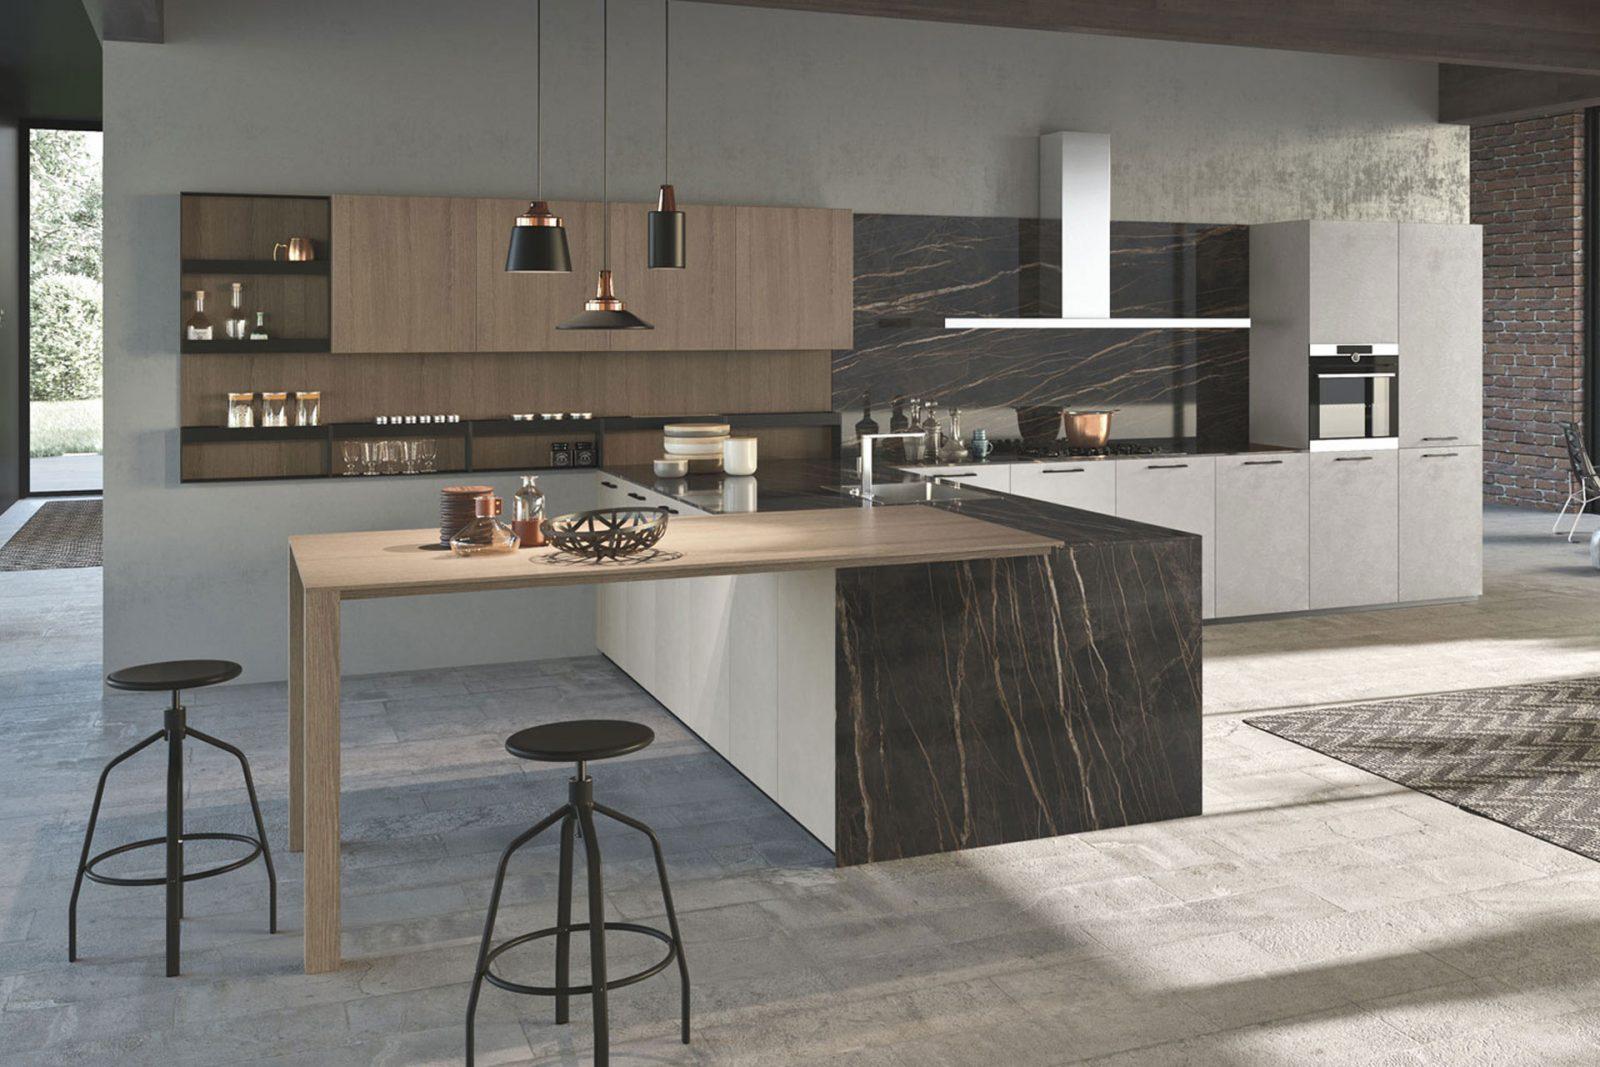 Cucine penisola design cucine moderne cucine design for Cucina penisola